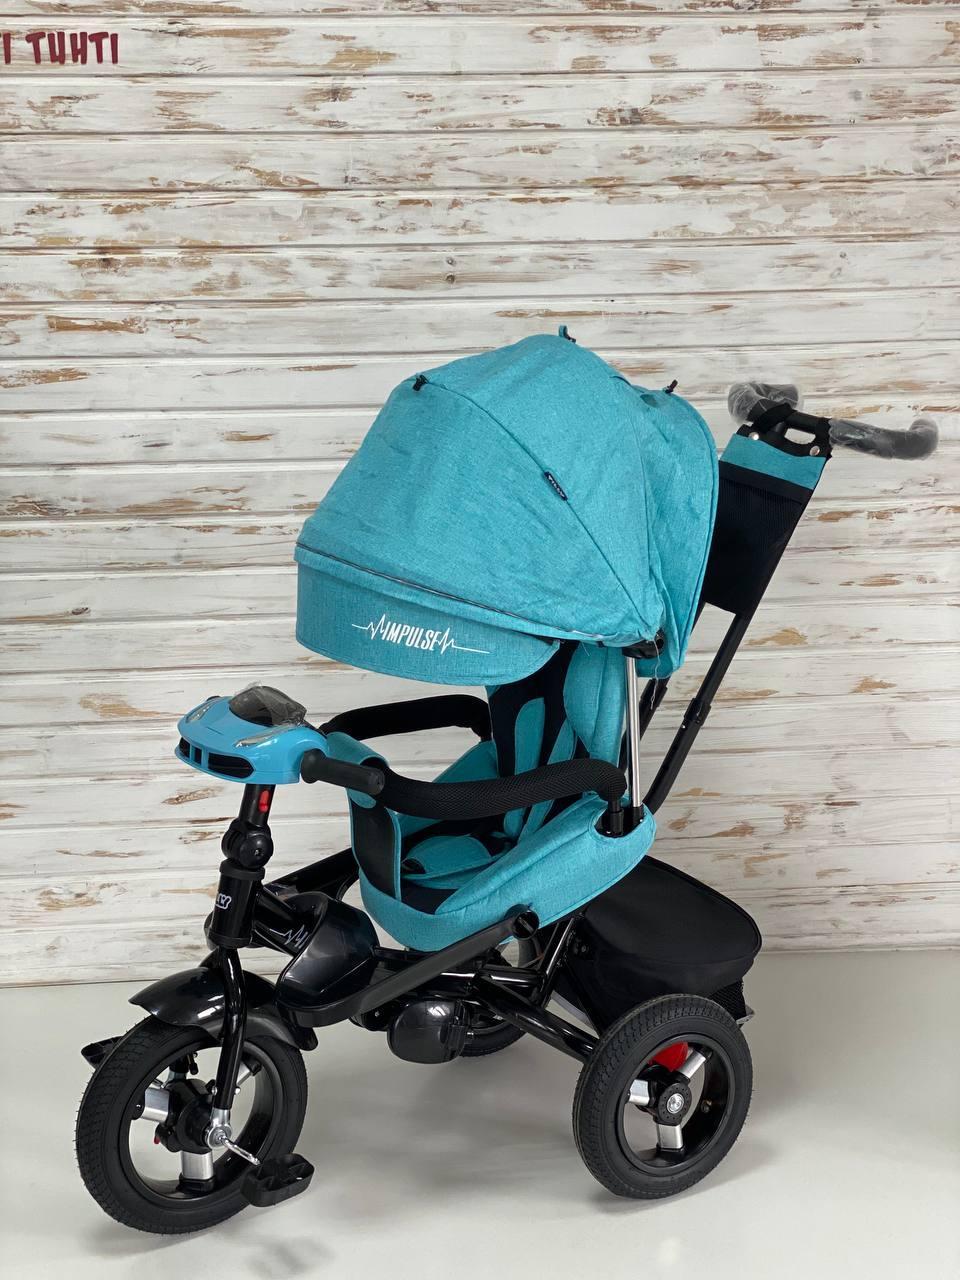 Велосипед трехколесный TILLY Impulse с пультом и усиленной рамой, надувные колеса, Бирюзовый лен T-386/1